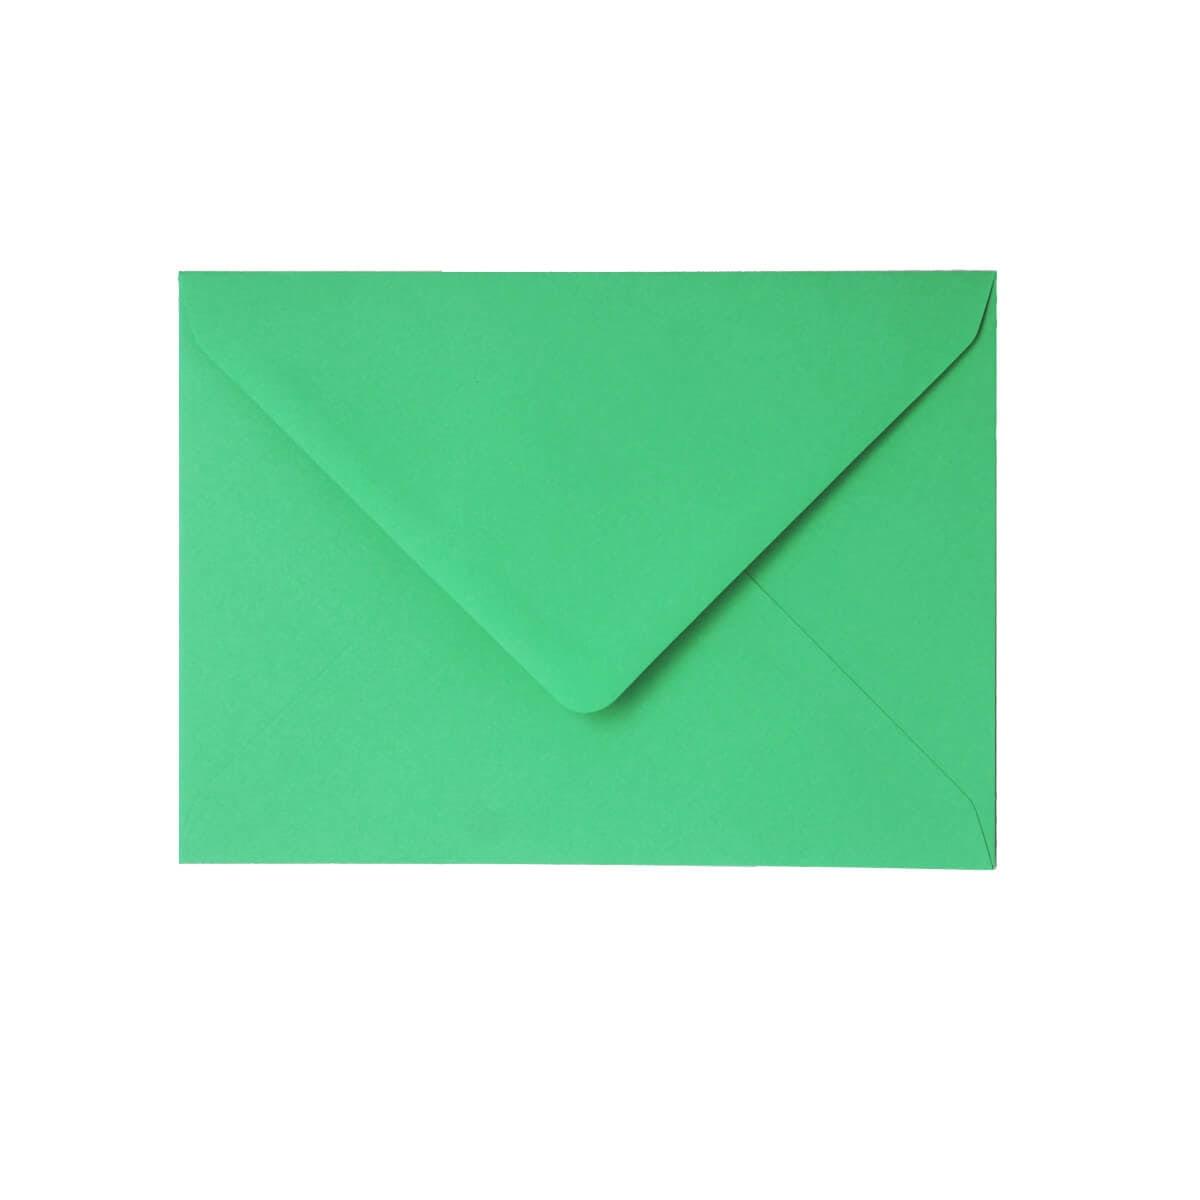 SPEARMINT GREEN 125 x 175mm ENVELOPES